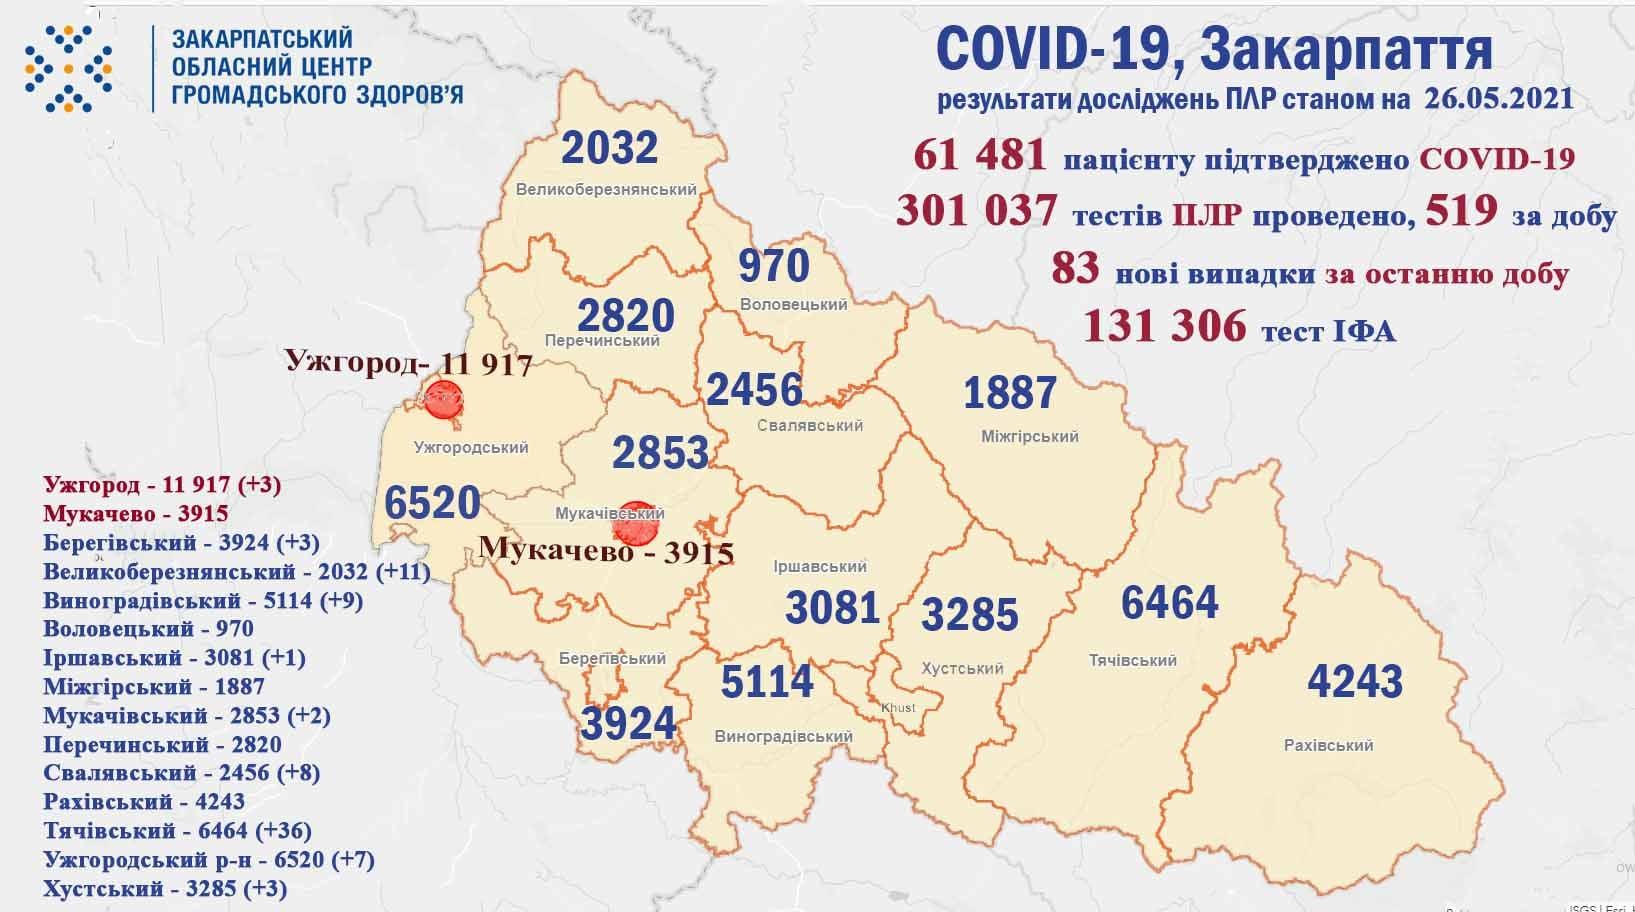 На Закарпатті за минулу добу виявили 83 випадки COVID-19